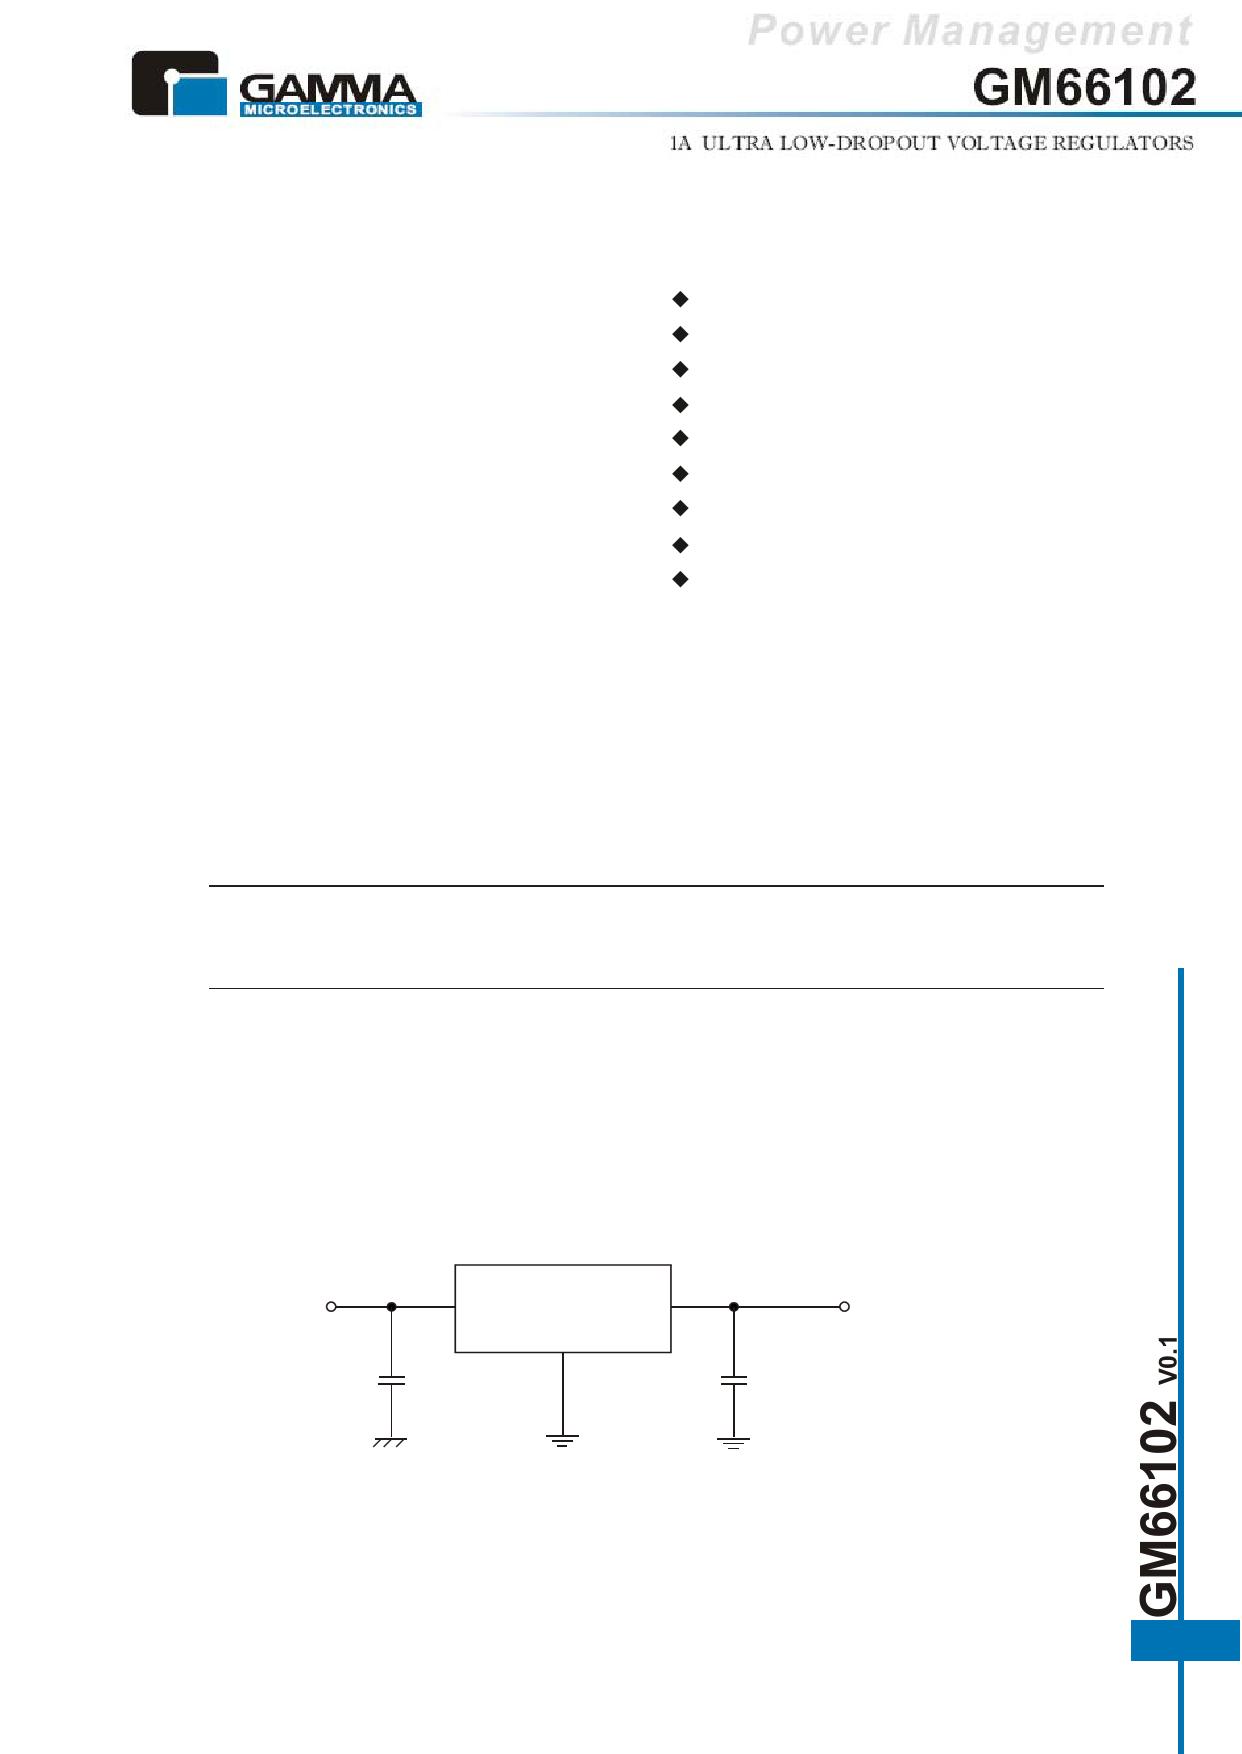 GM66102 datasheet